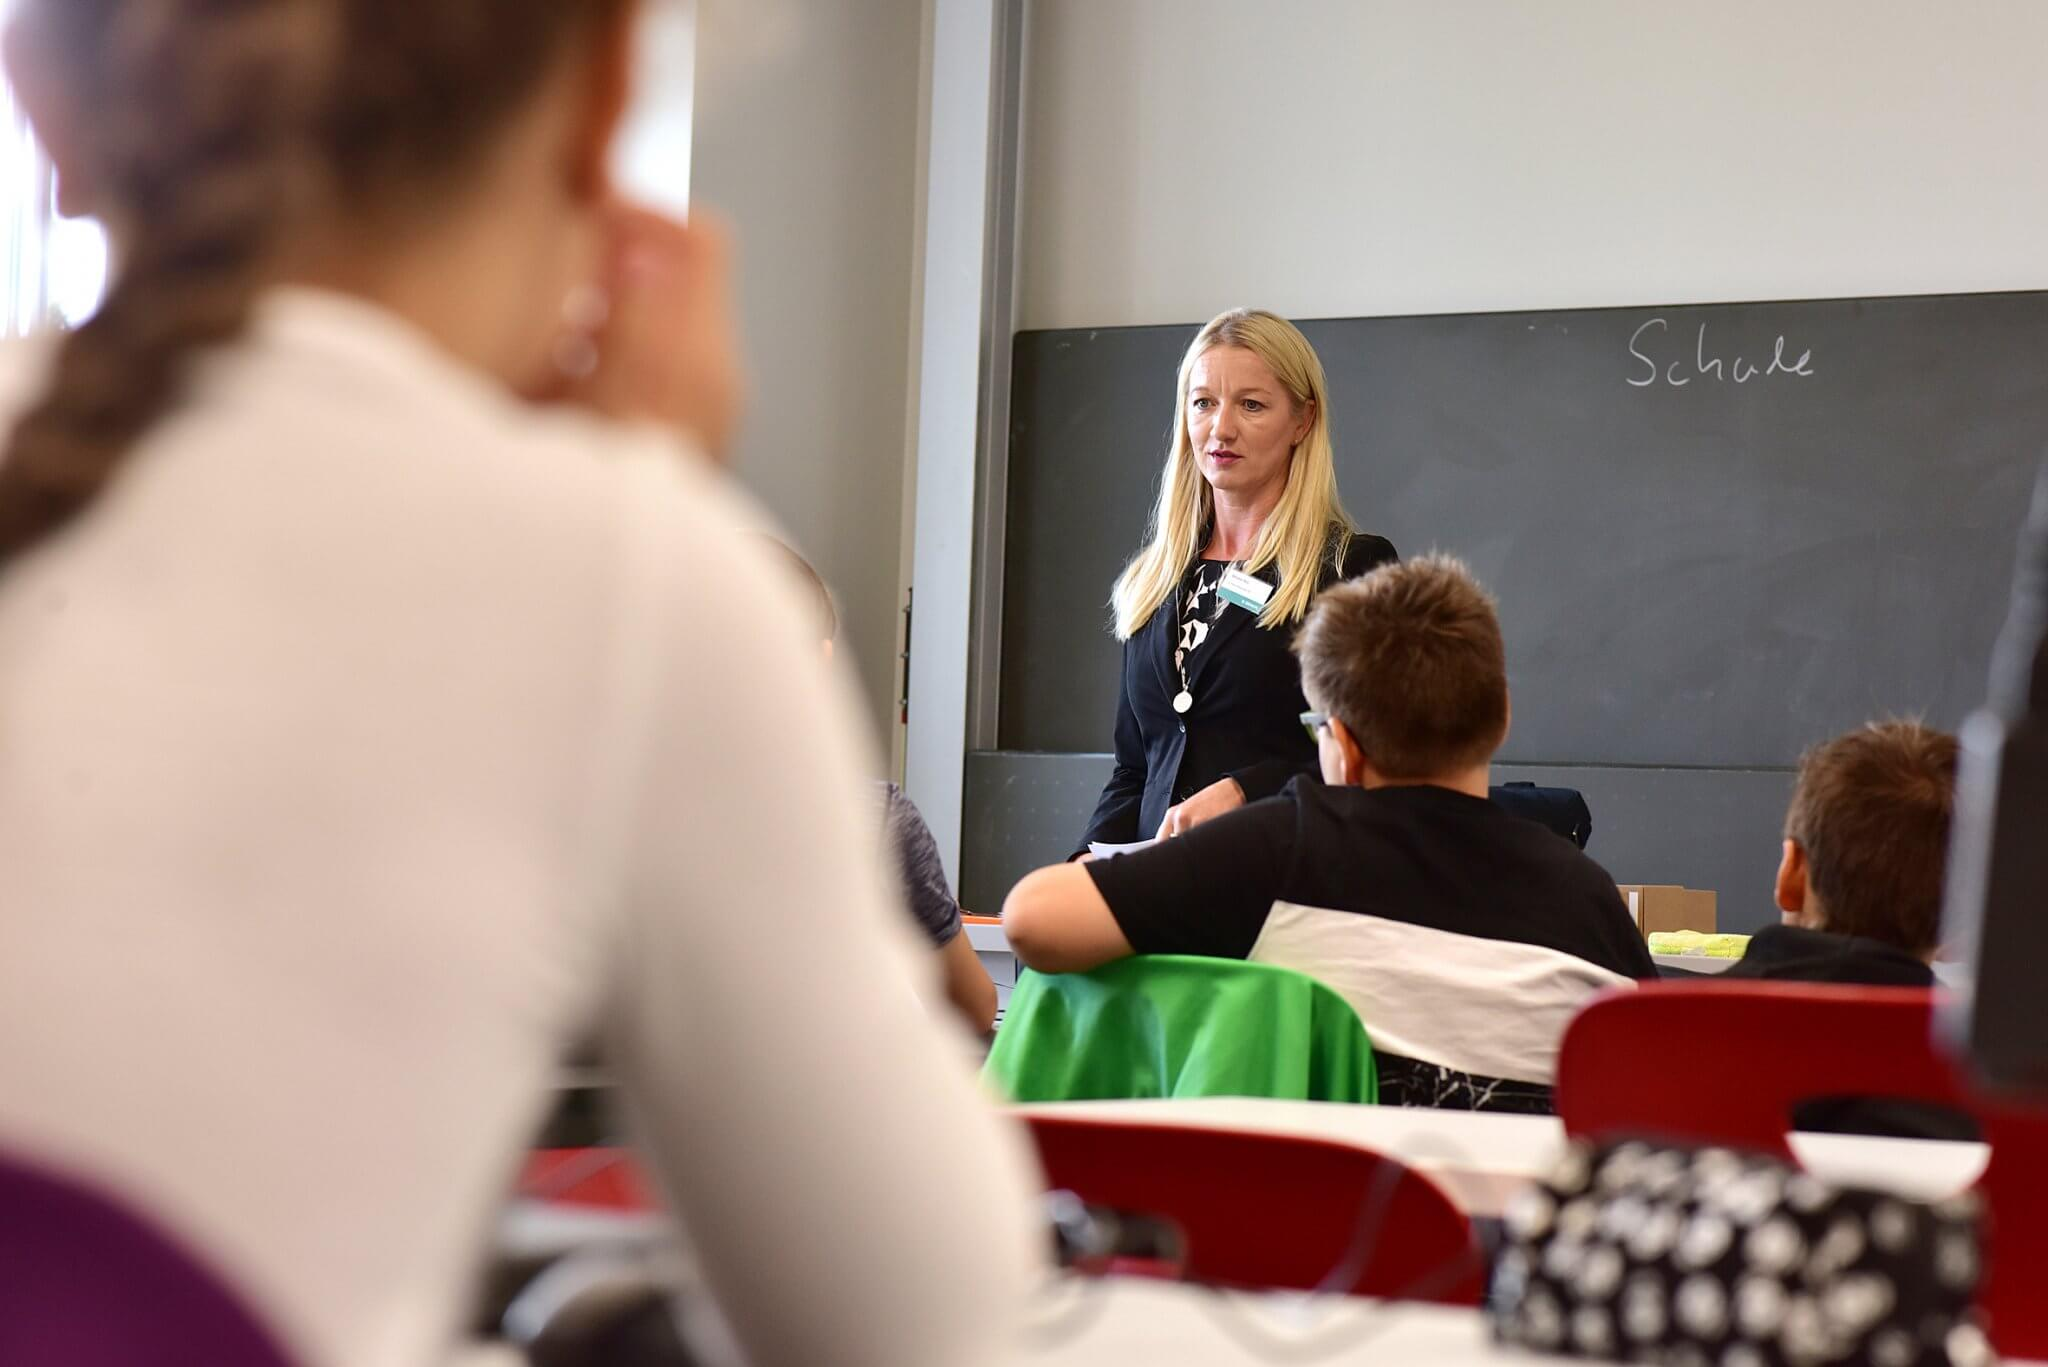 Lehrerin vor einer Schultafel